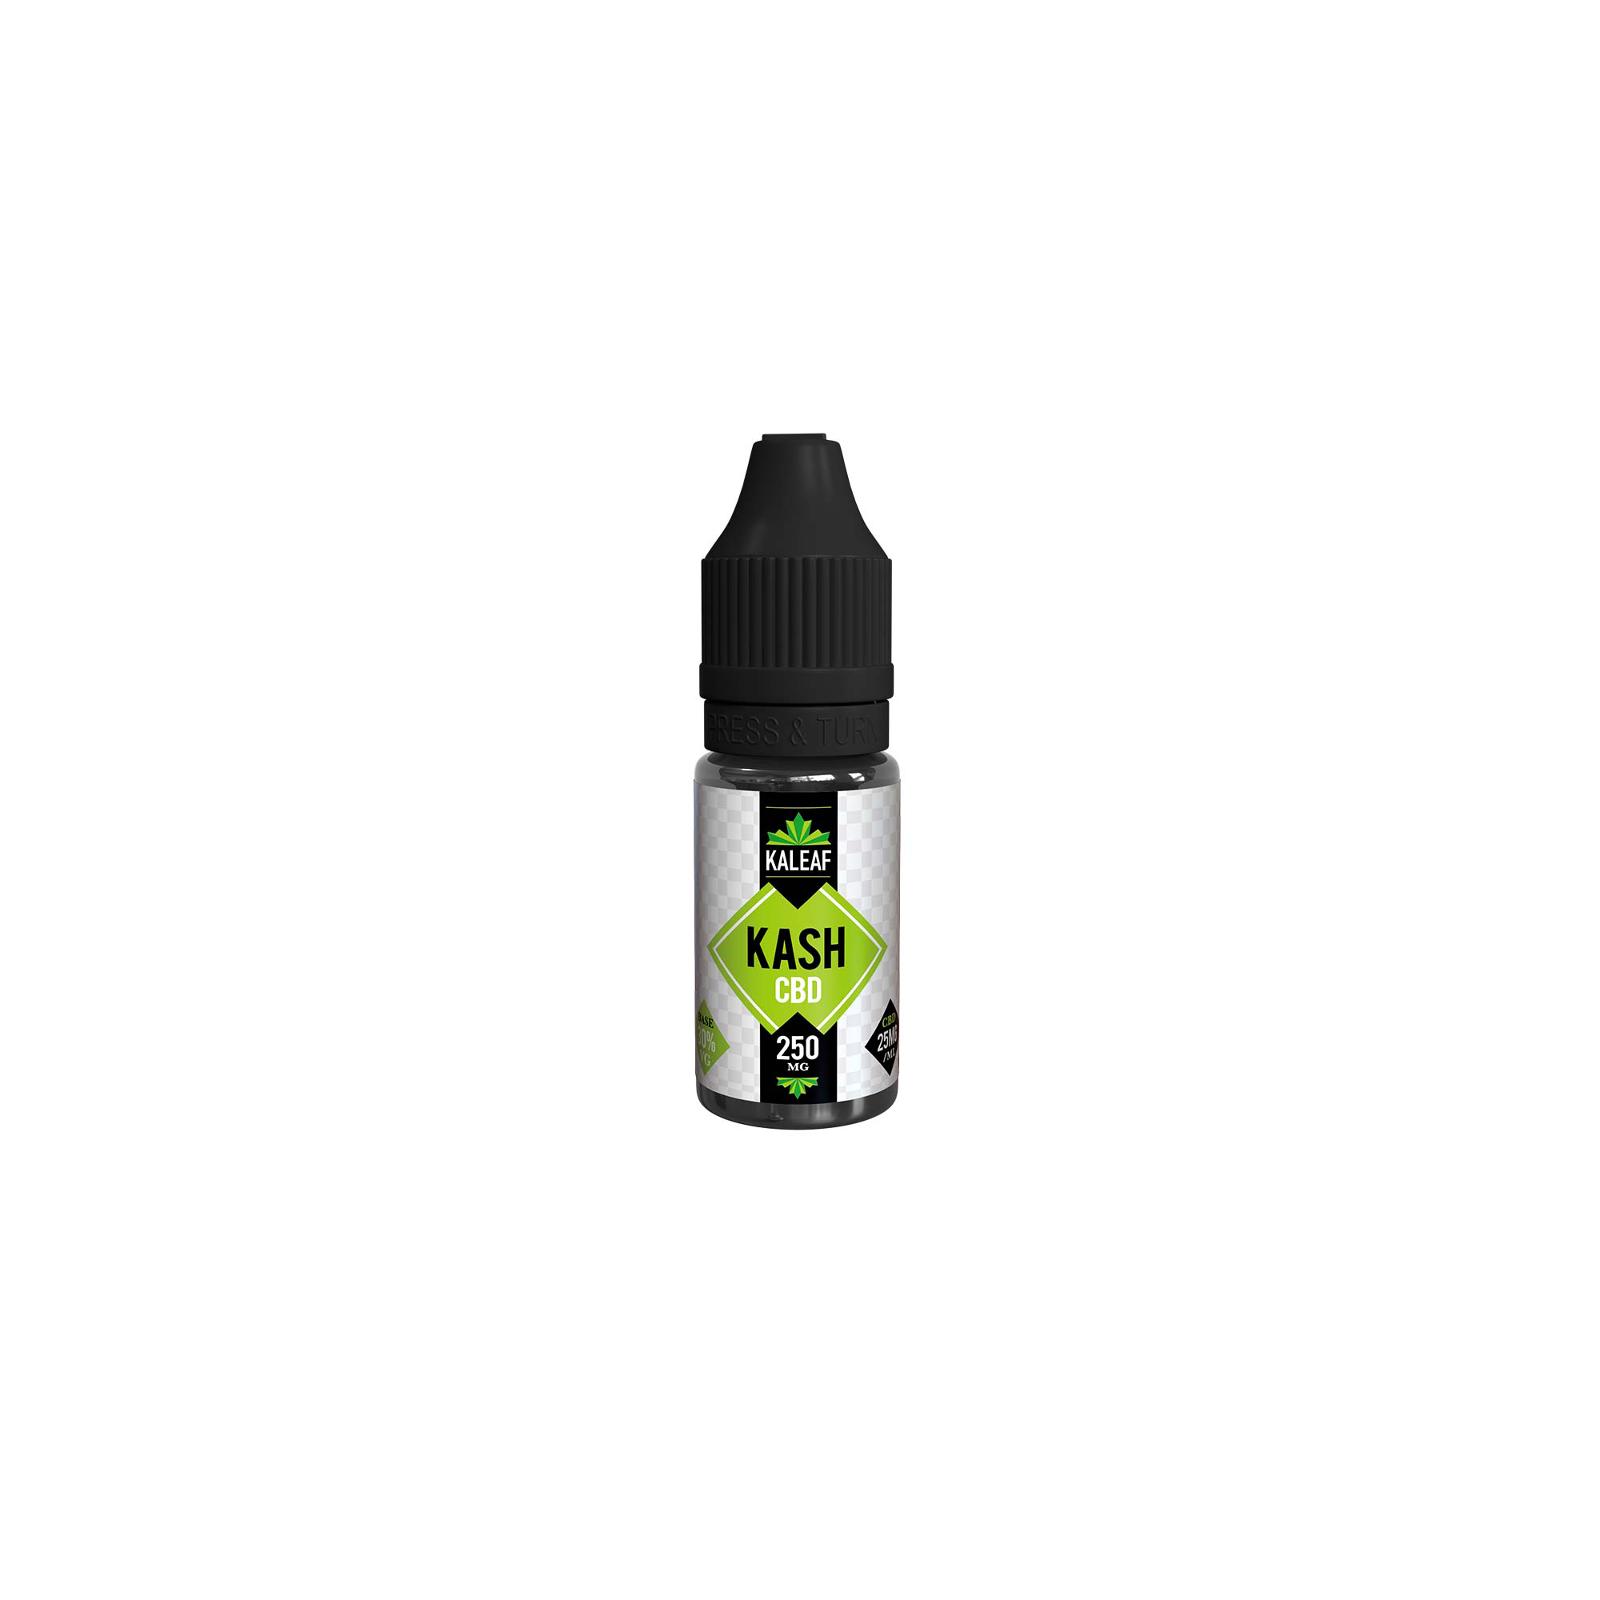 Kash - Hemptech